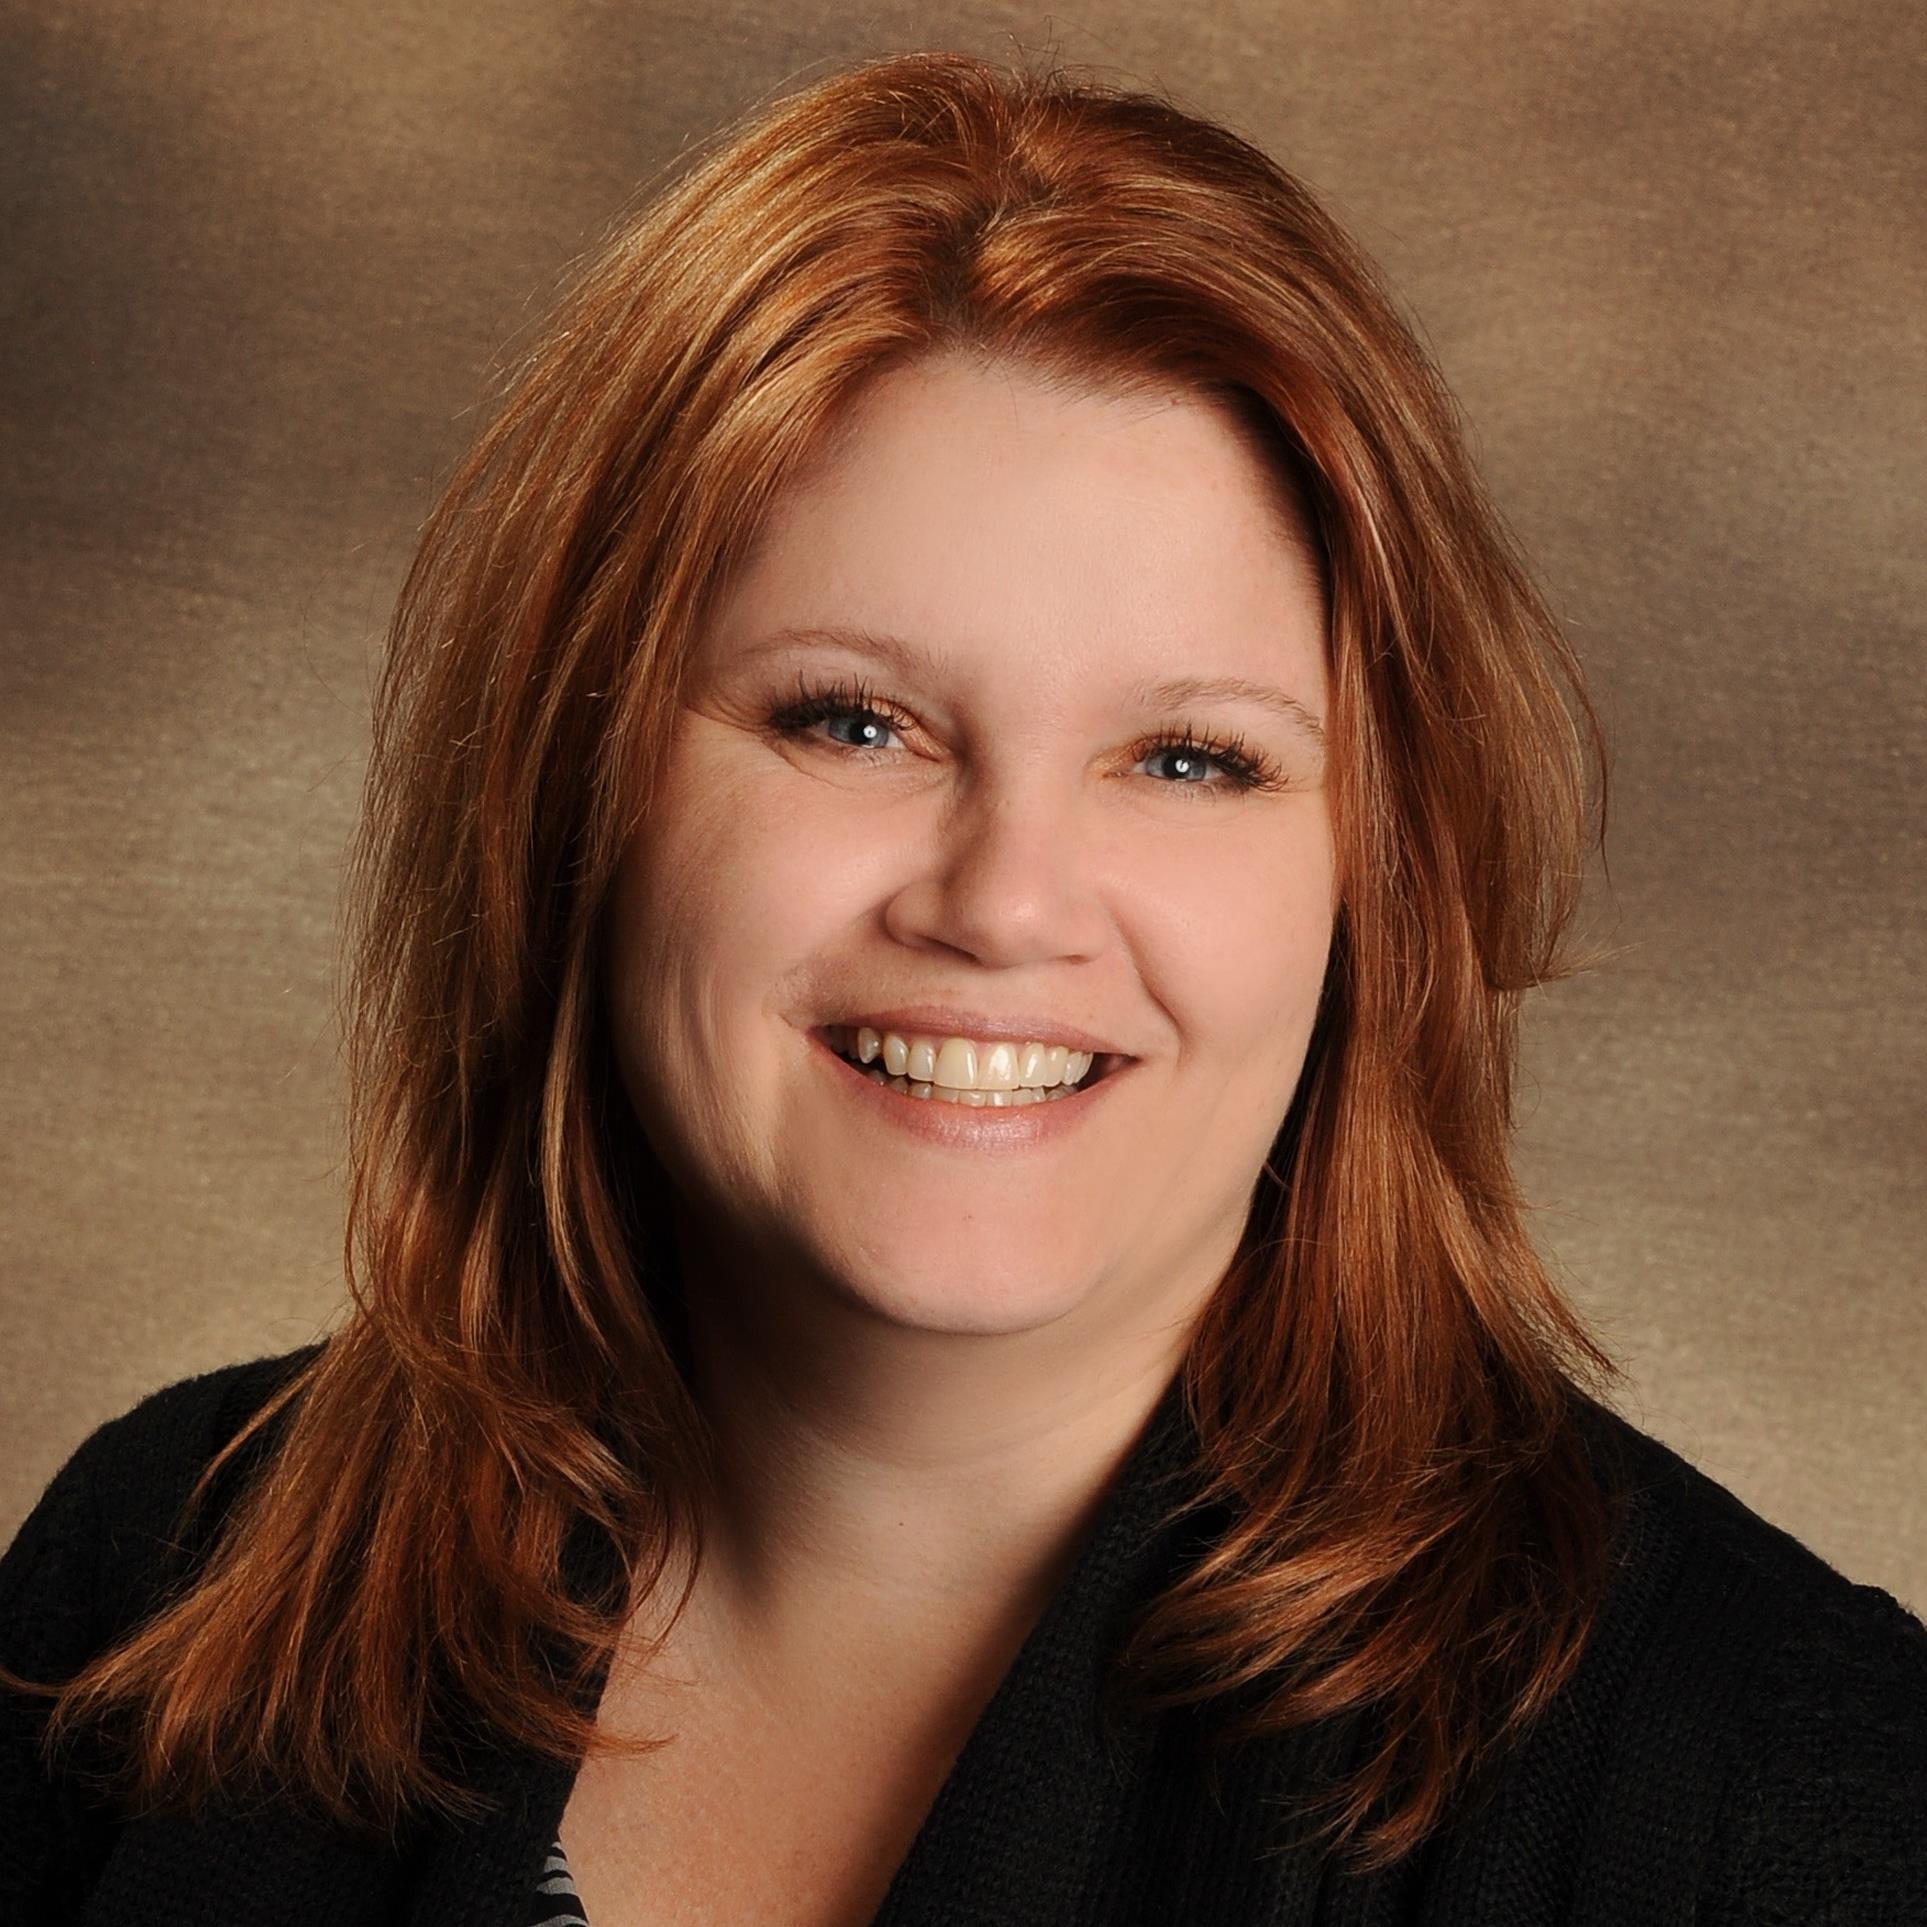 Shannon Smith Headshot Large-1.jpg